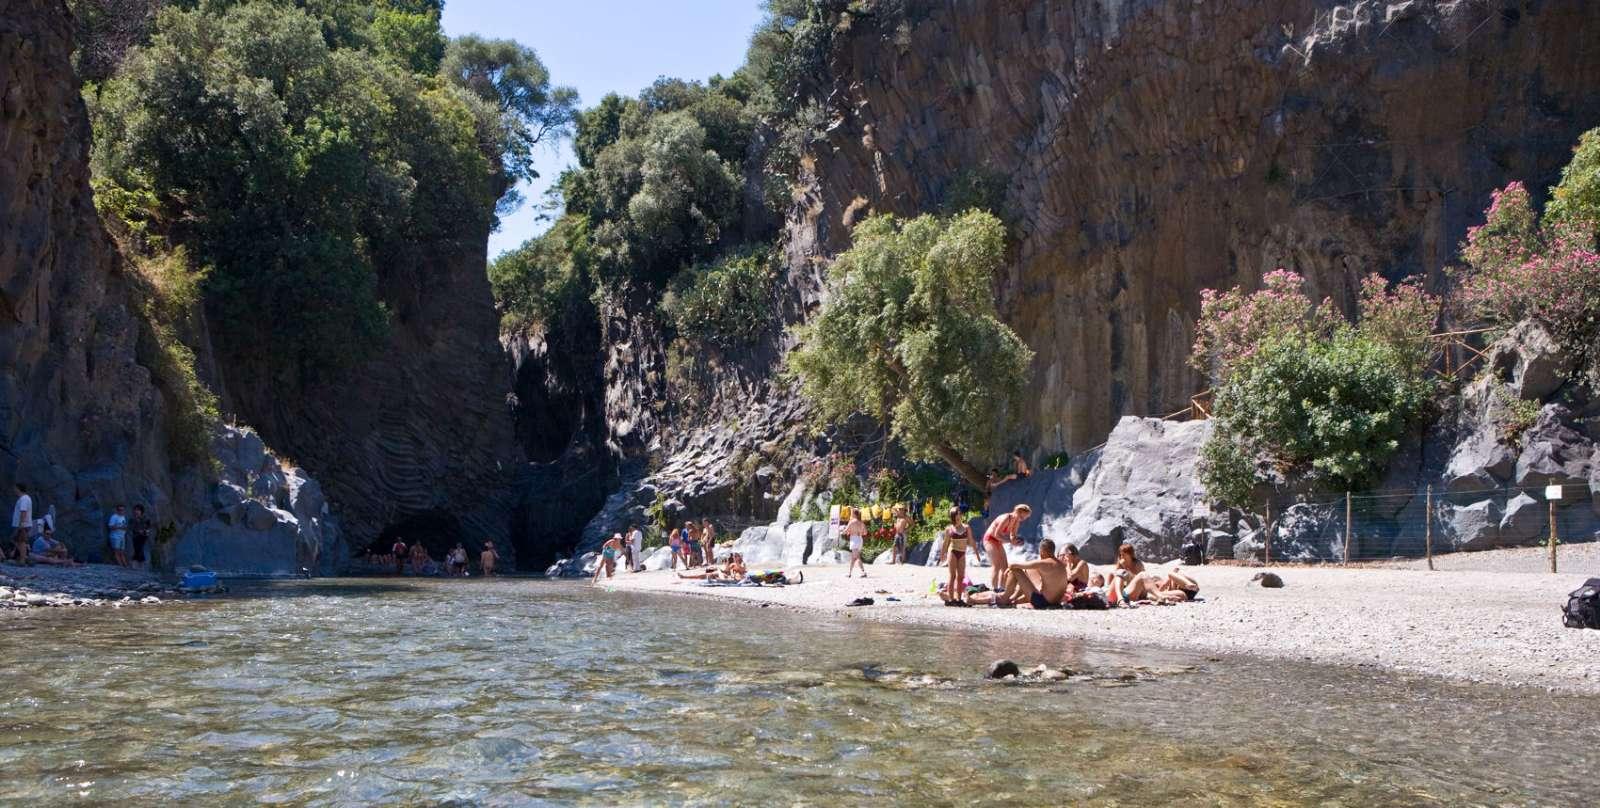 De berømte Gole dell'Alcantara